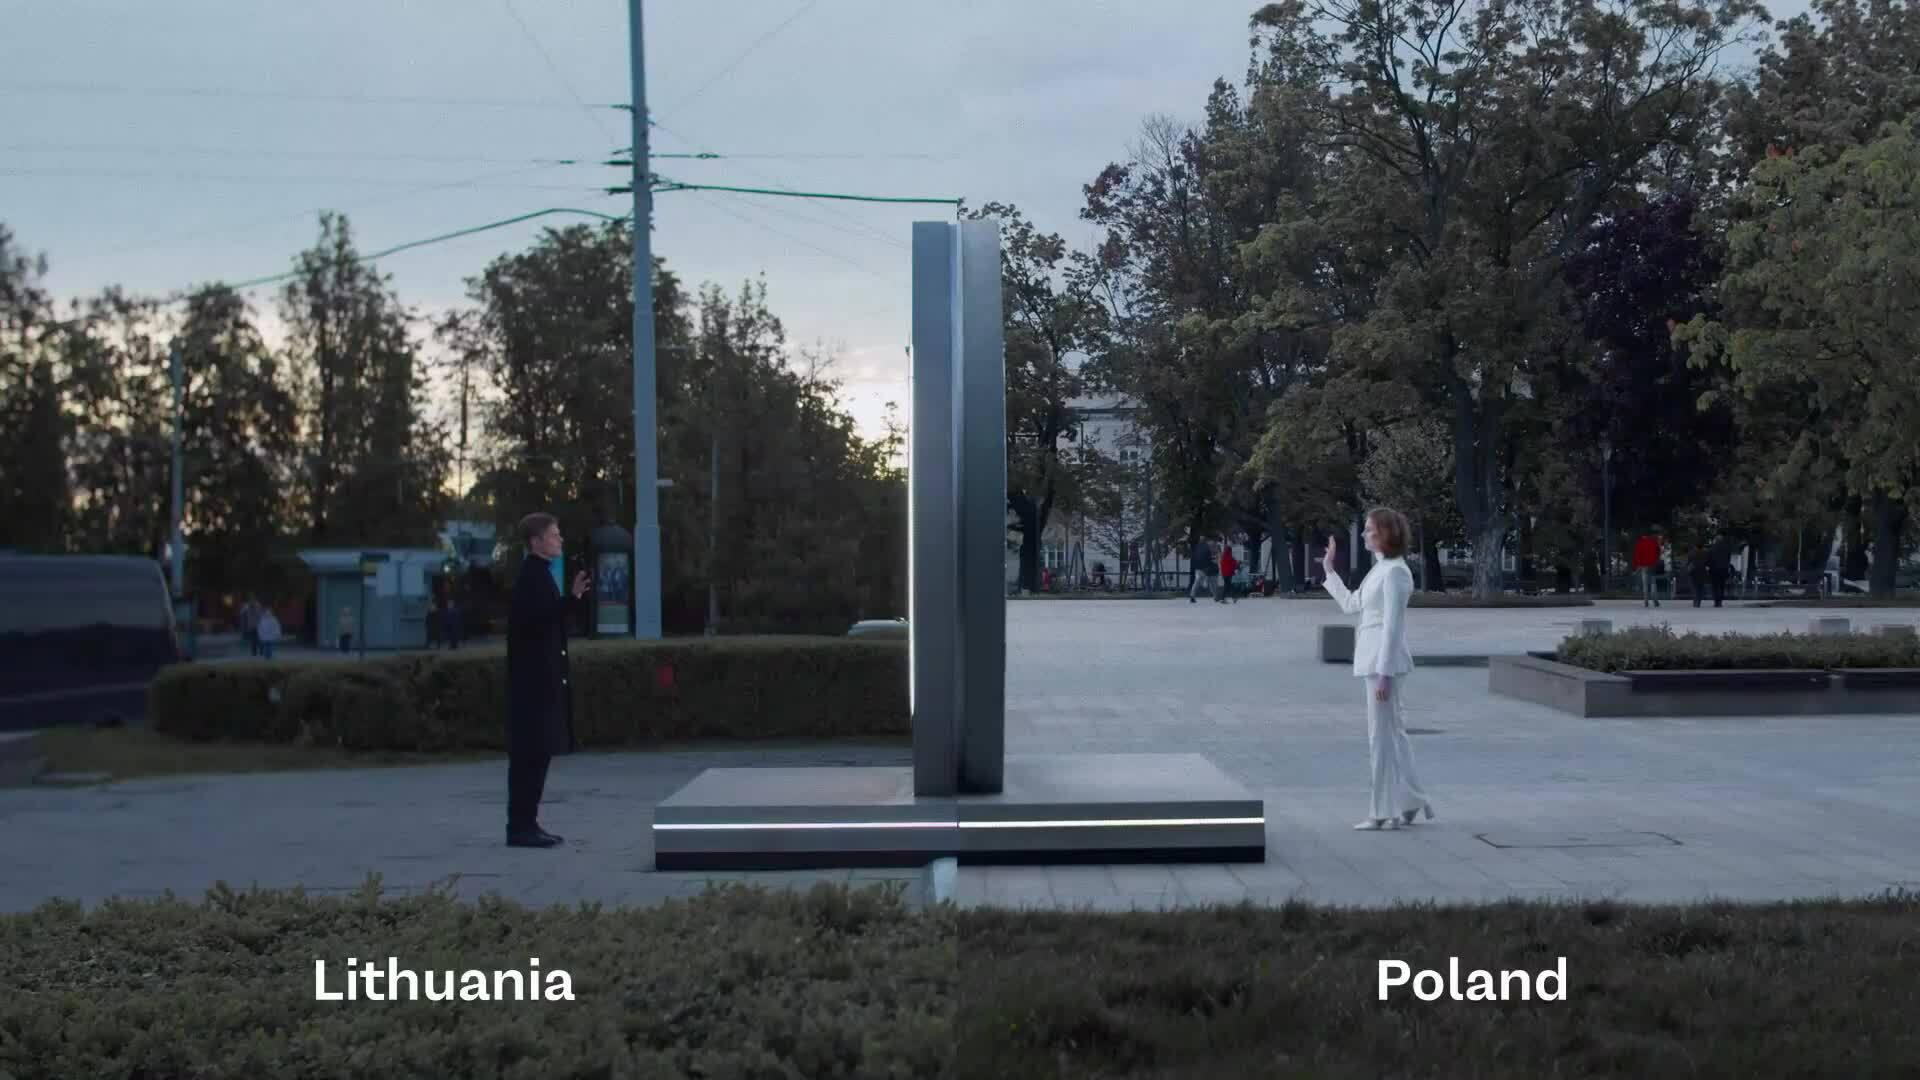 """Cánh cổng 'xuyên không"""" nối hai quốc gia"""